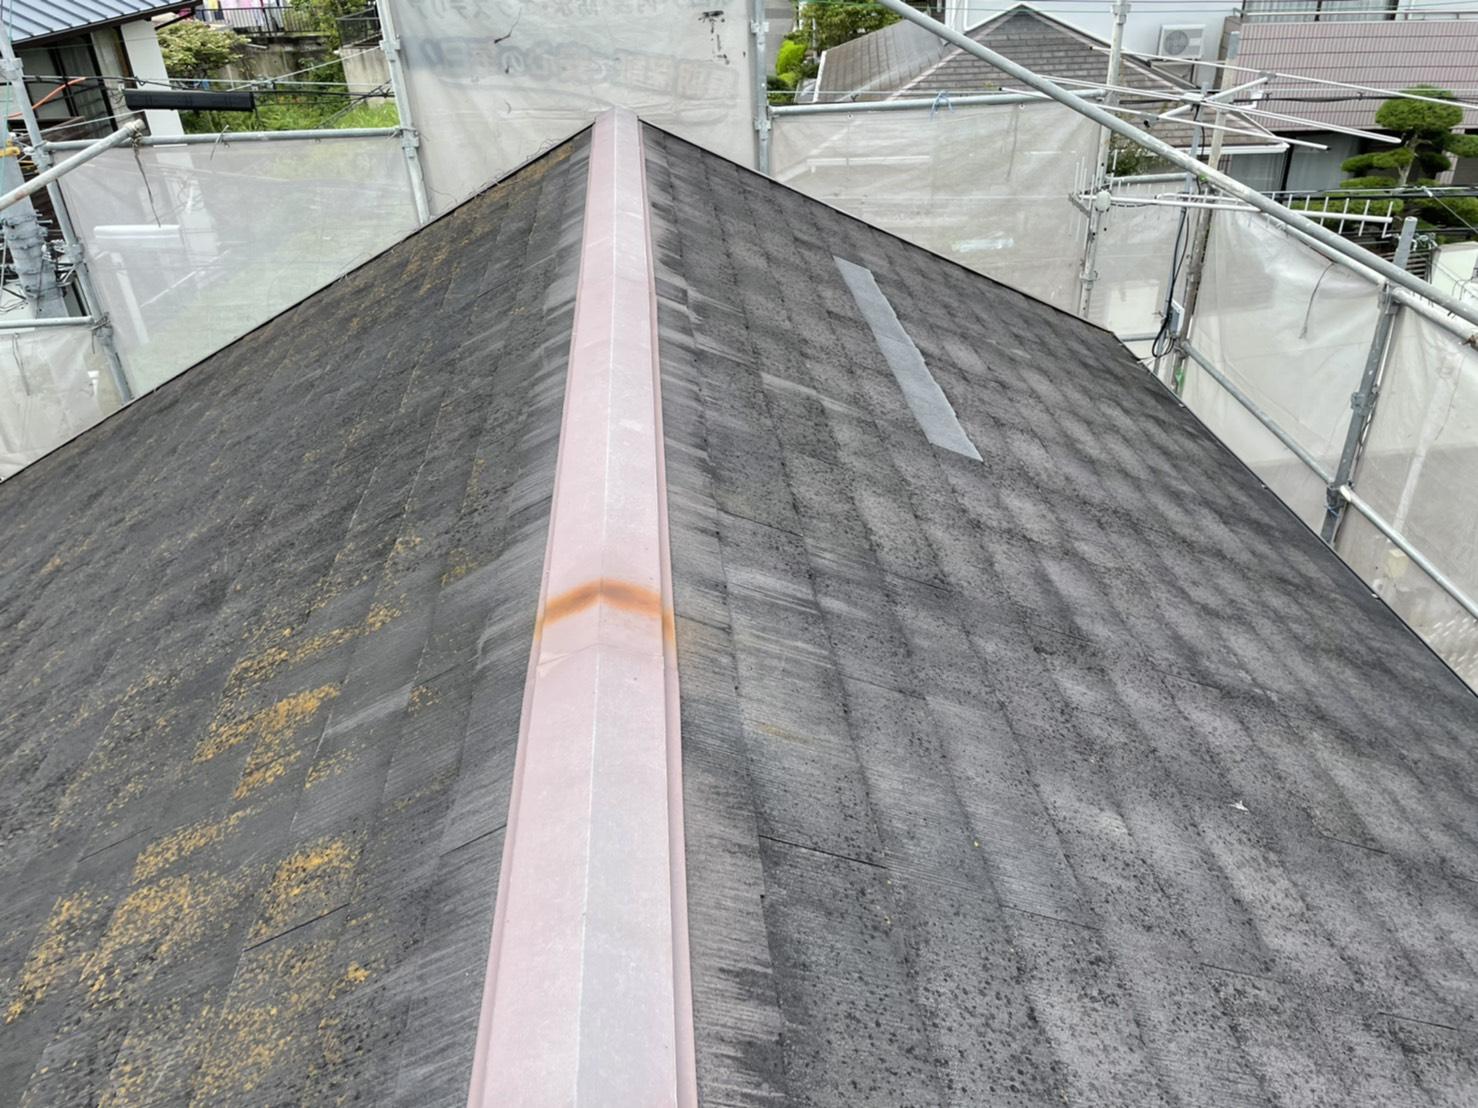 神戸市で遮熱塗料を用いて屋根塗装を行う前のスレート屋根の様子